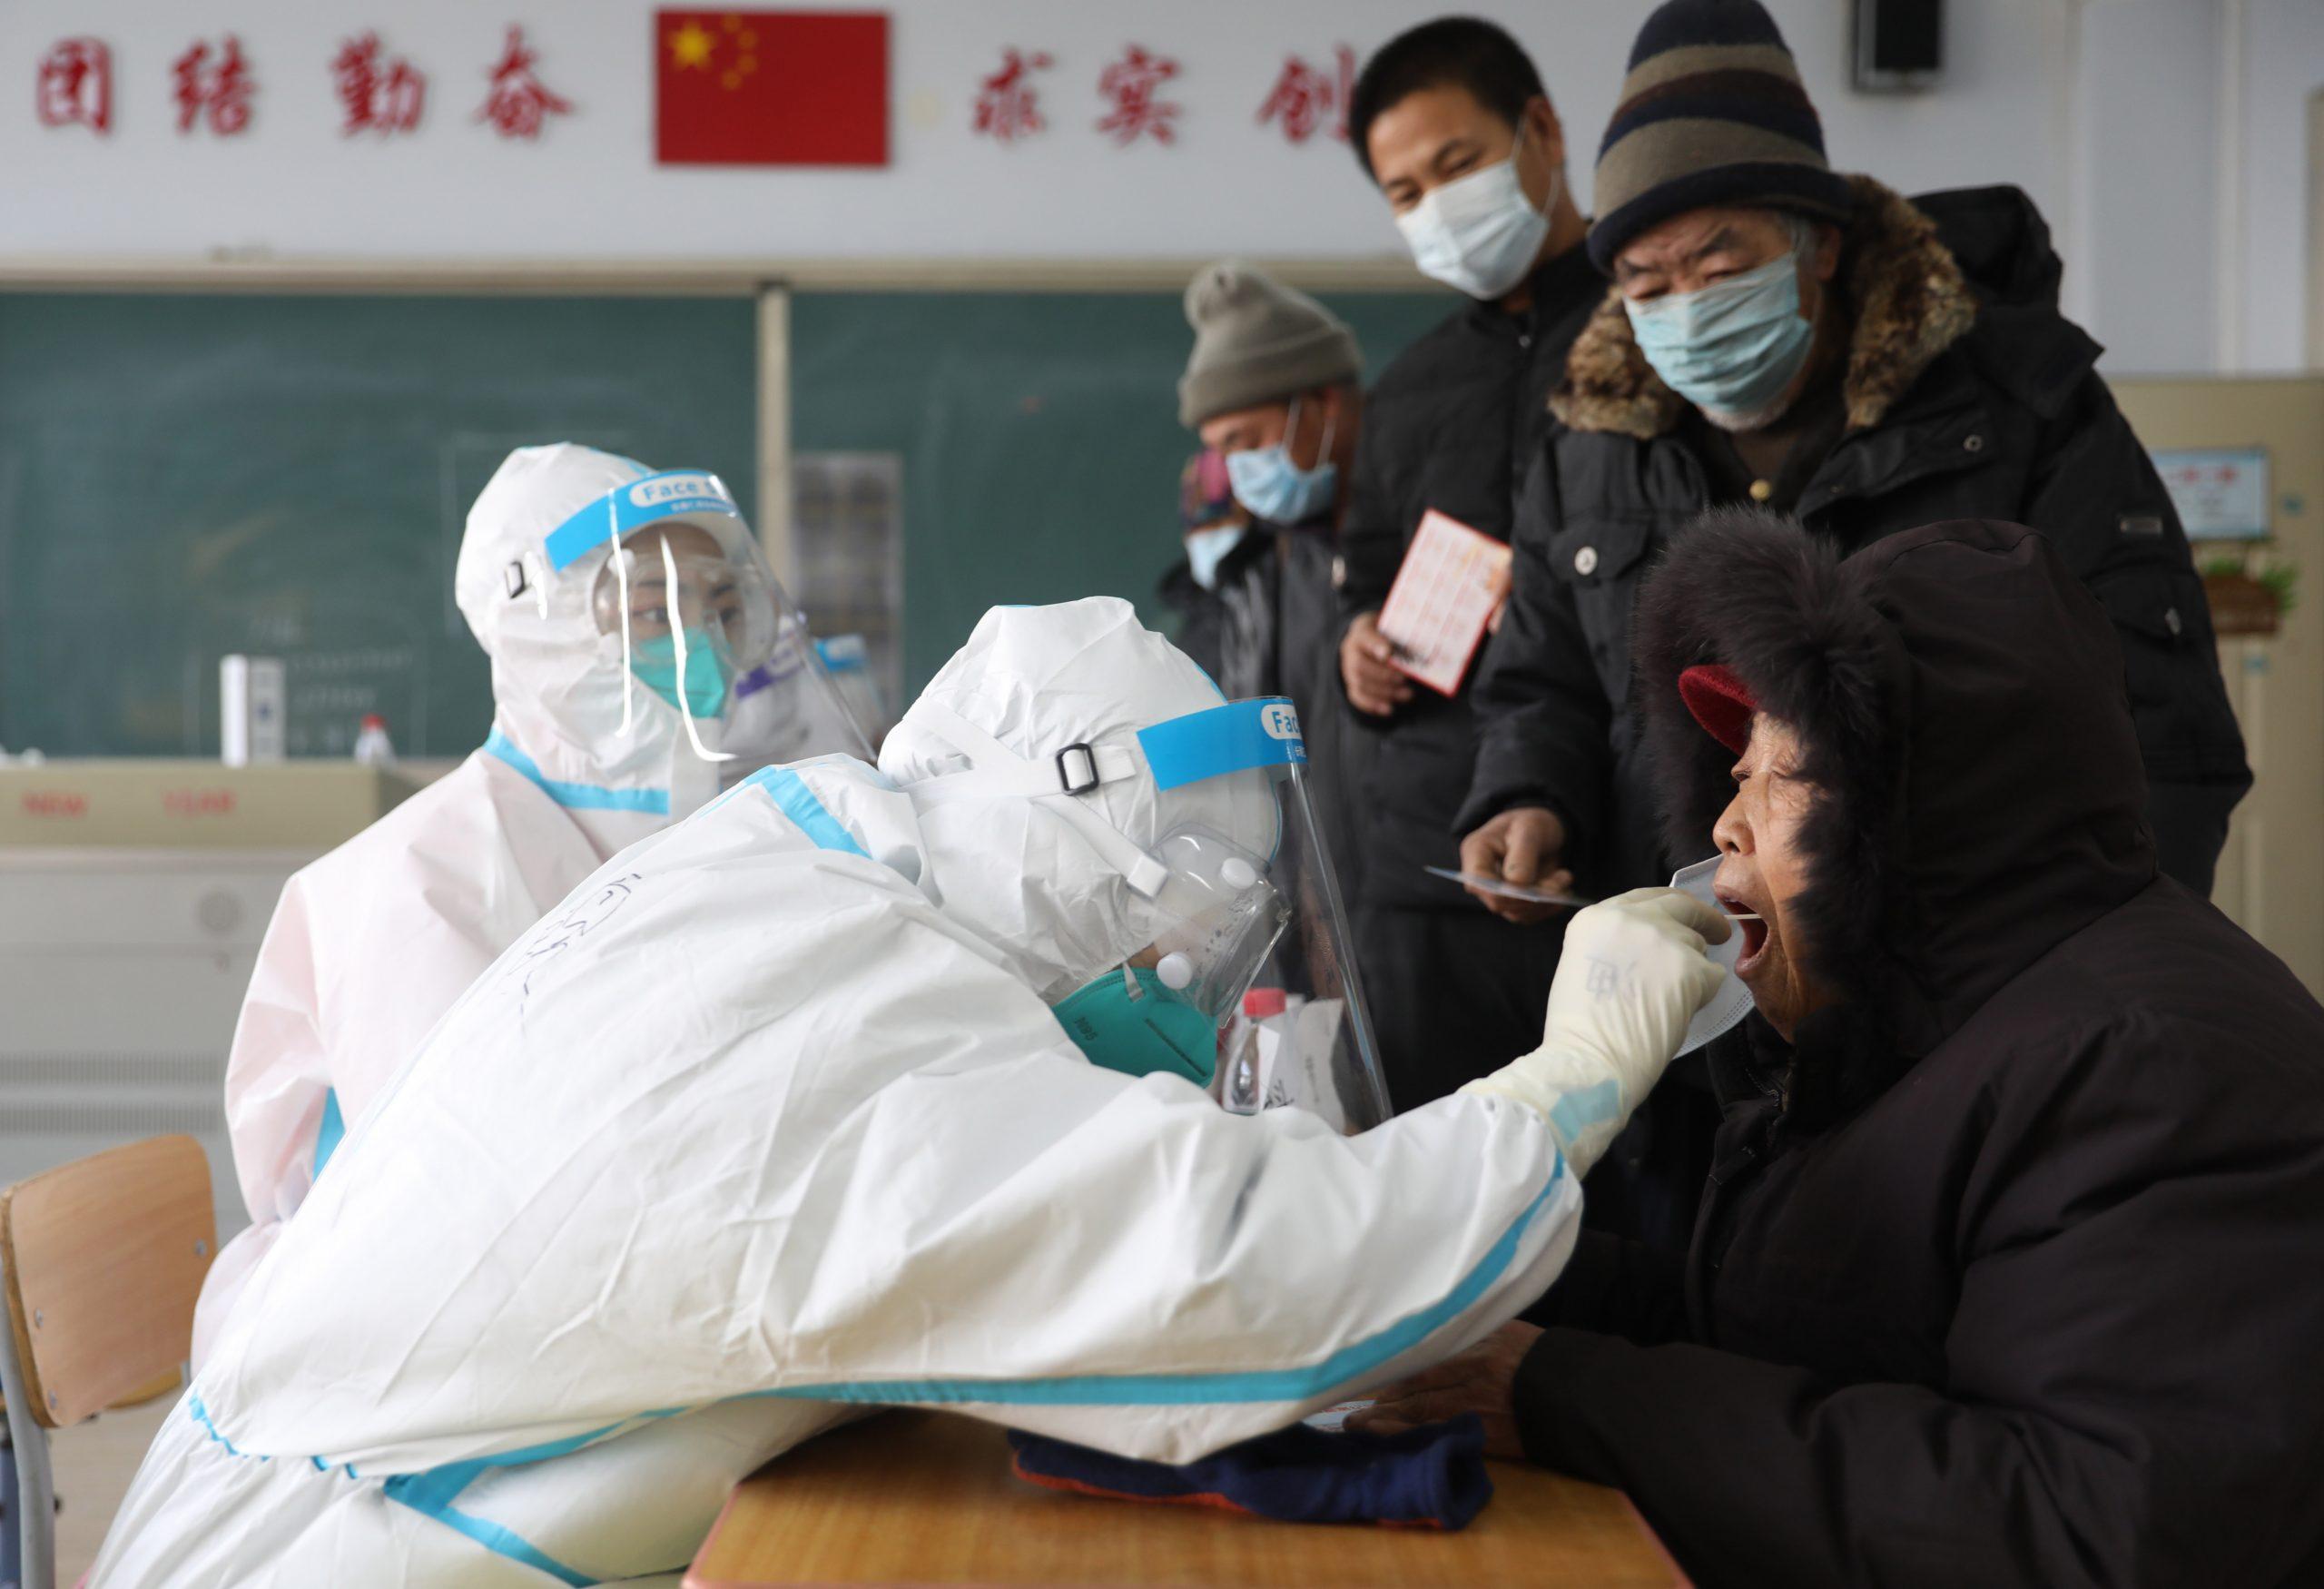 Ciudad china de Shijiazhuang completa tercera ronda de pruebas de COVID-19